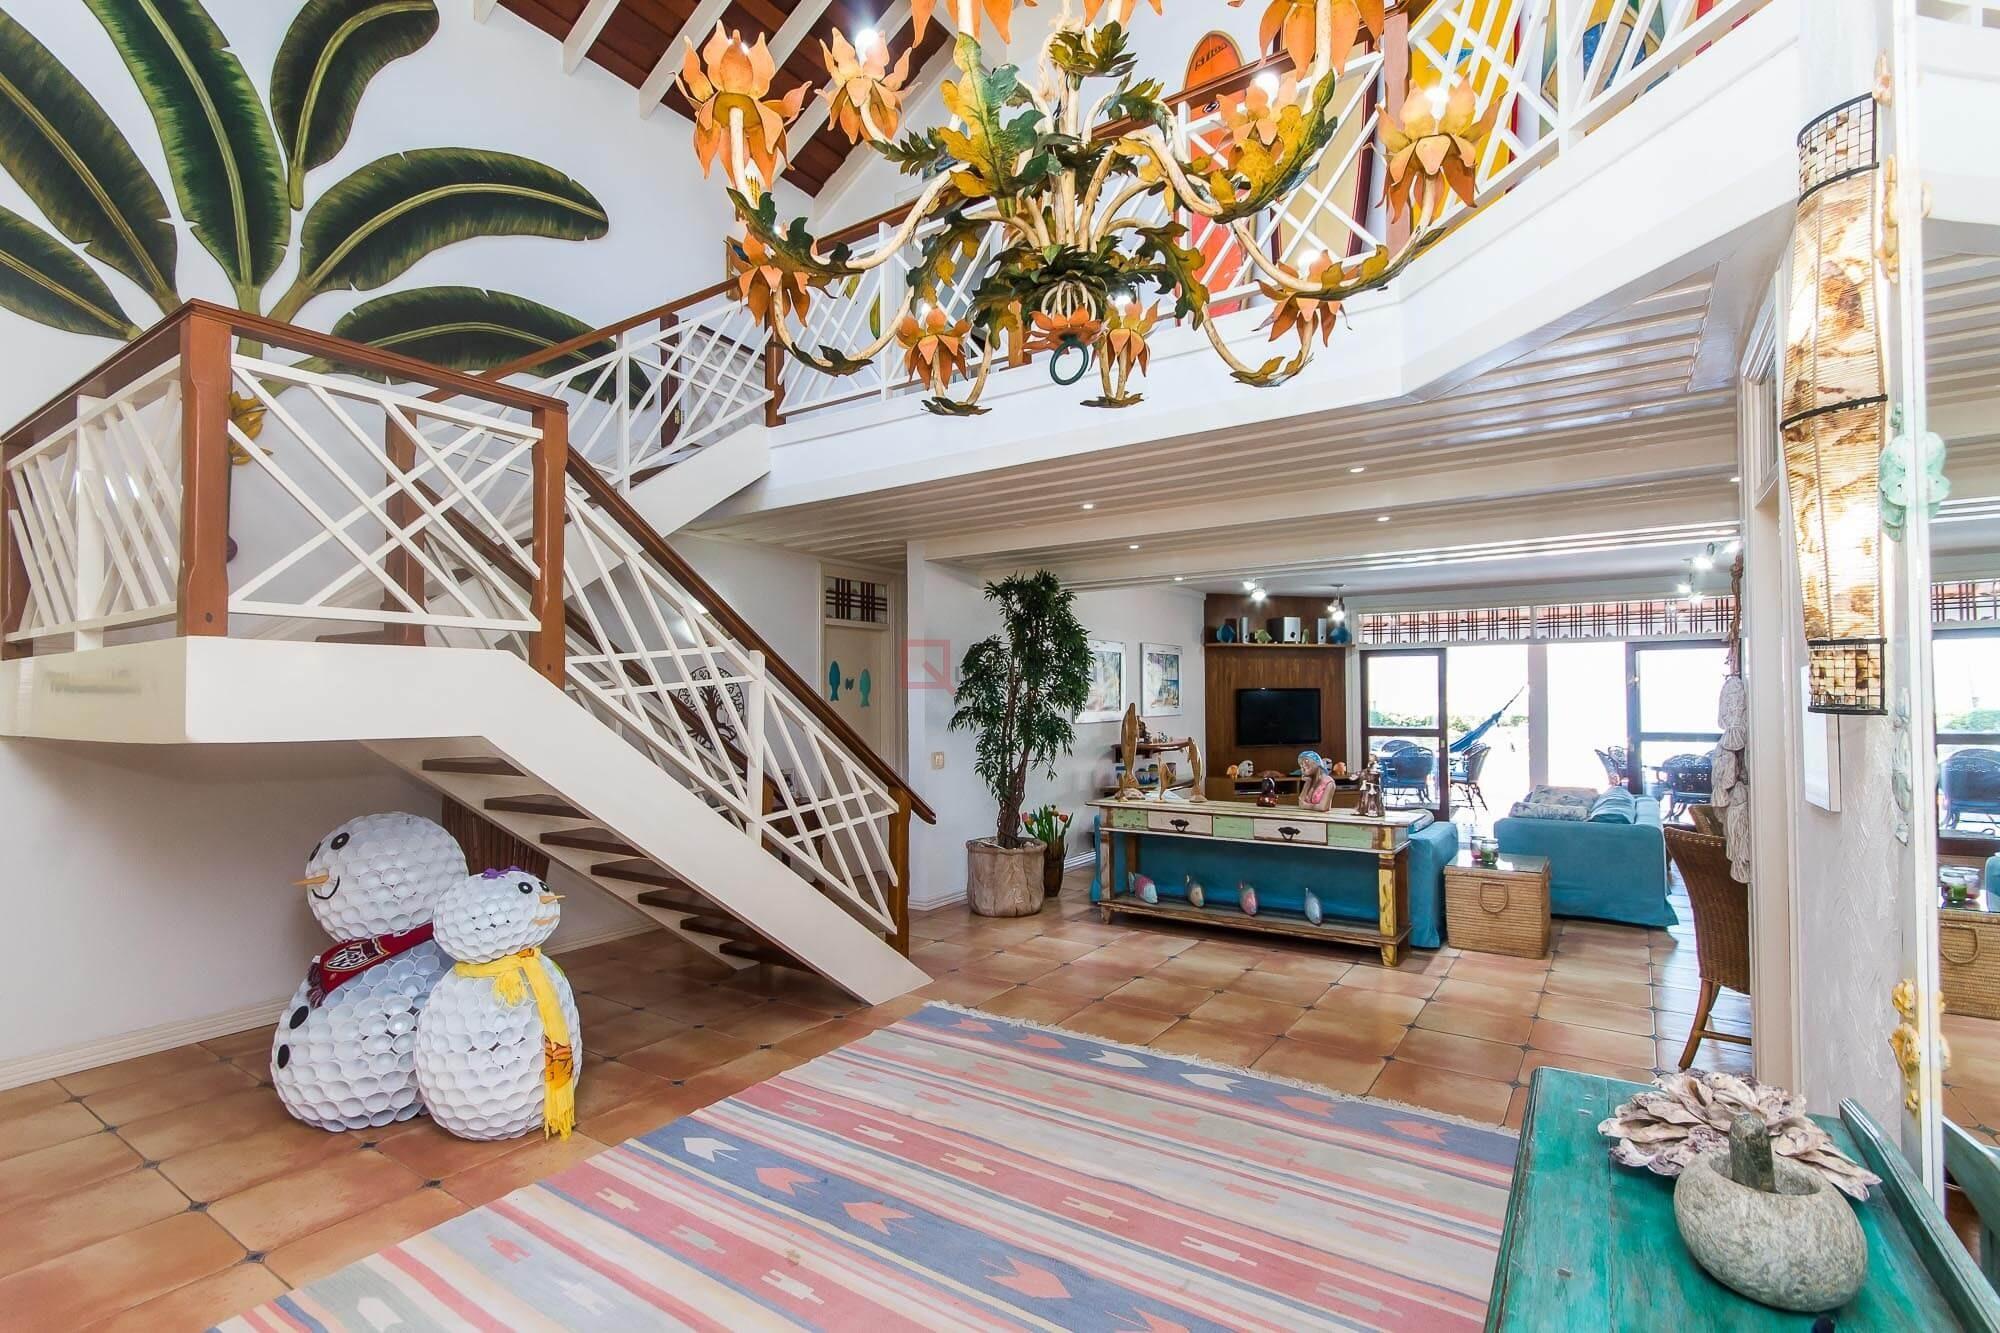 Casa com 9 dormitórios à venda em Caraguatatuba, no bairro Tabatinga